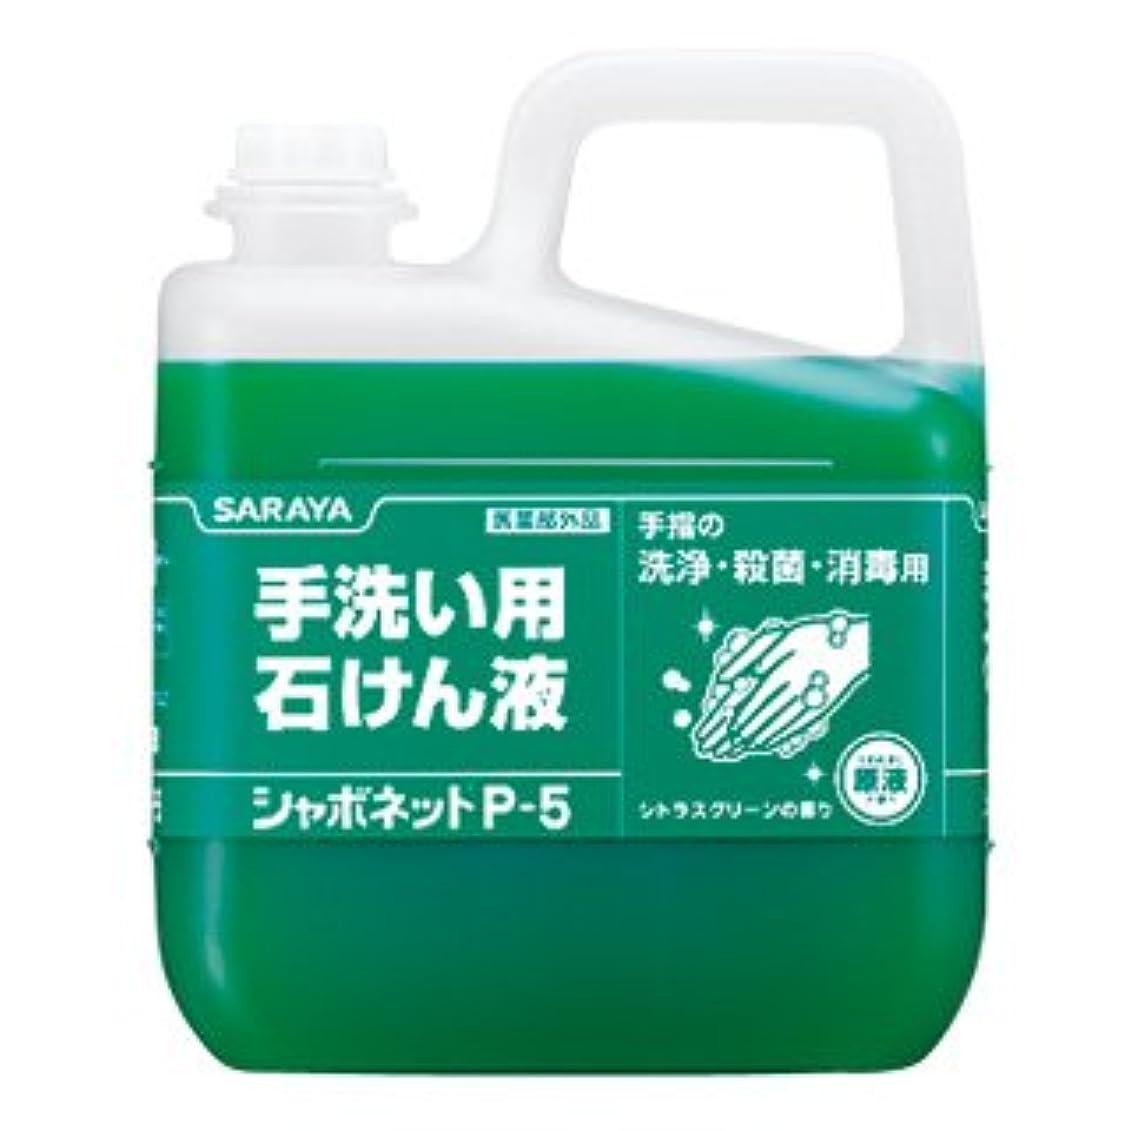 方法ほぼ限界サラヤ シャボネット P-5 5kg×3 シトラスグリーンの香り